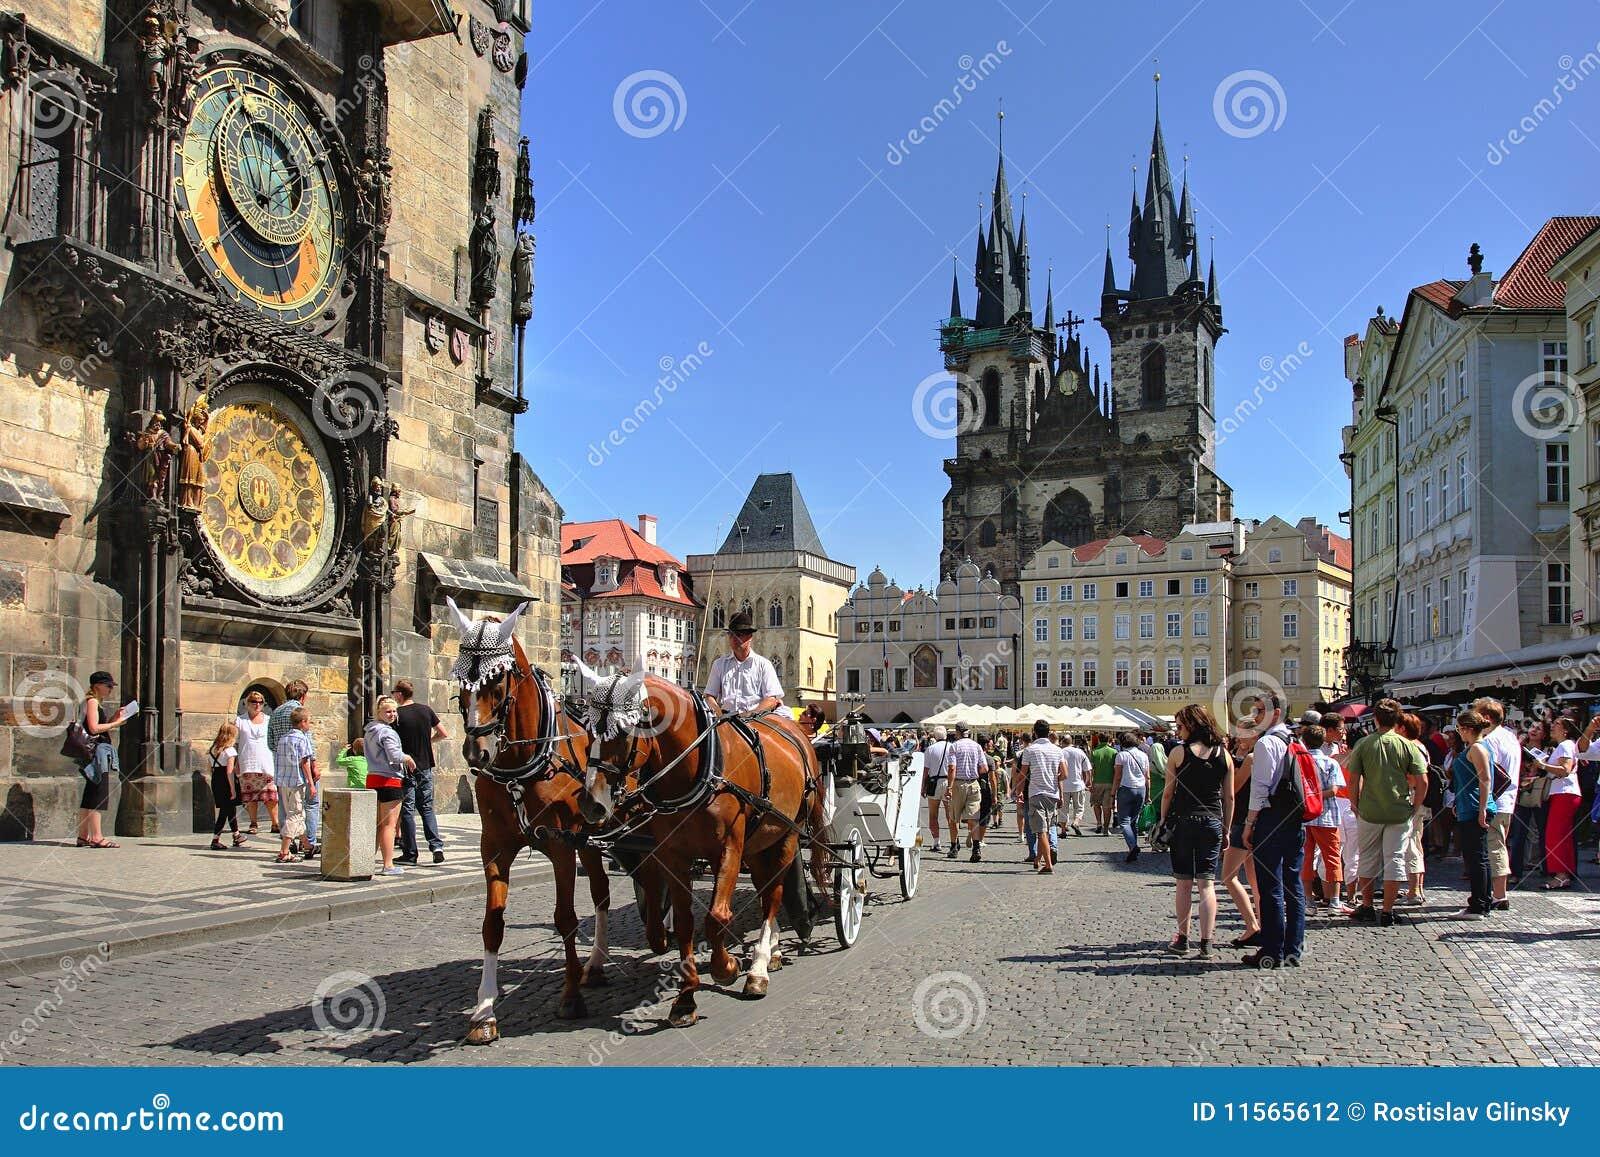 Ferias na rep tcheca - 3 9